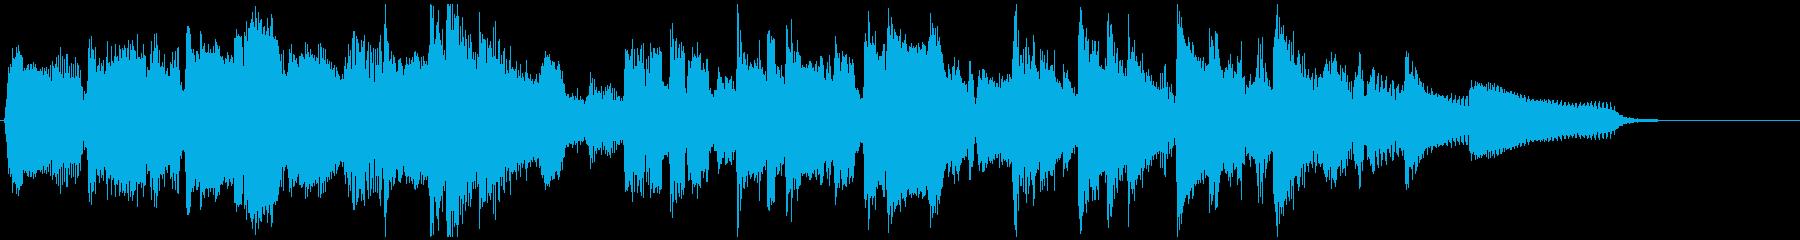 15秒CM用テンポ良いウキウキしたジャズの再生済みの波形